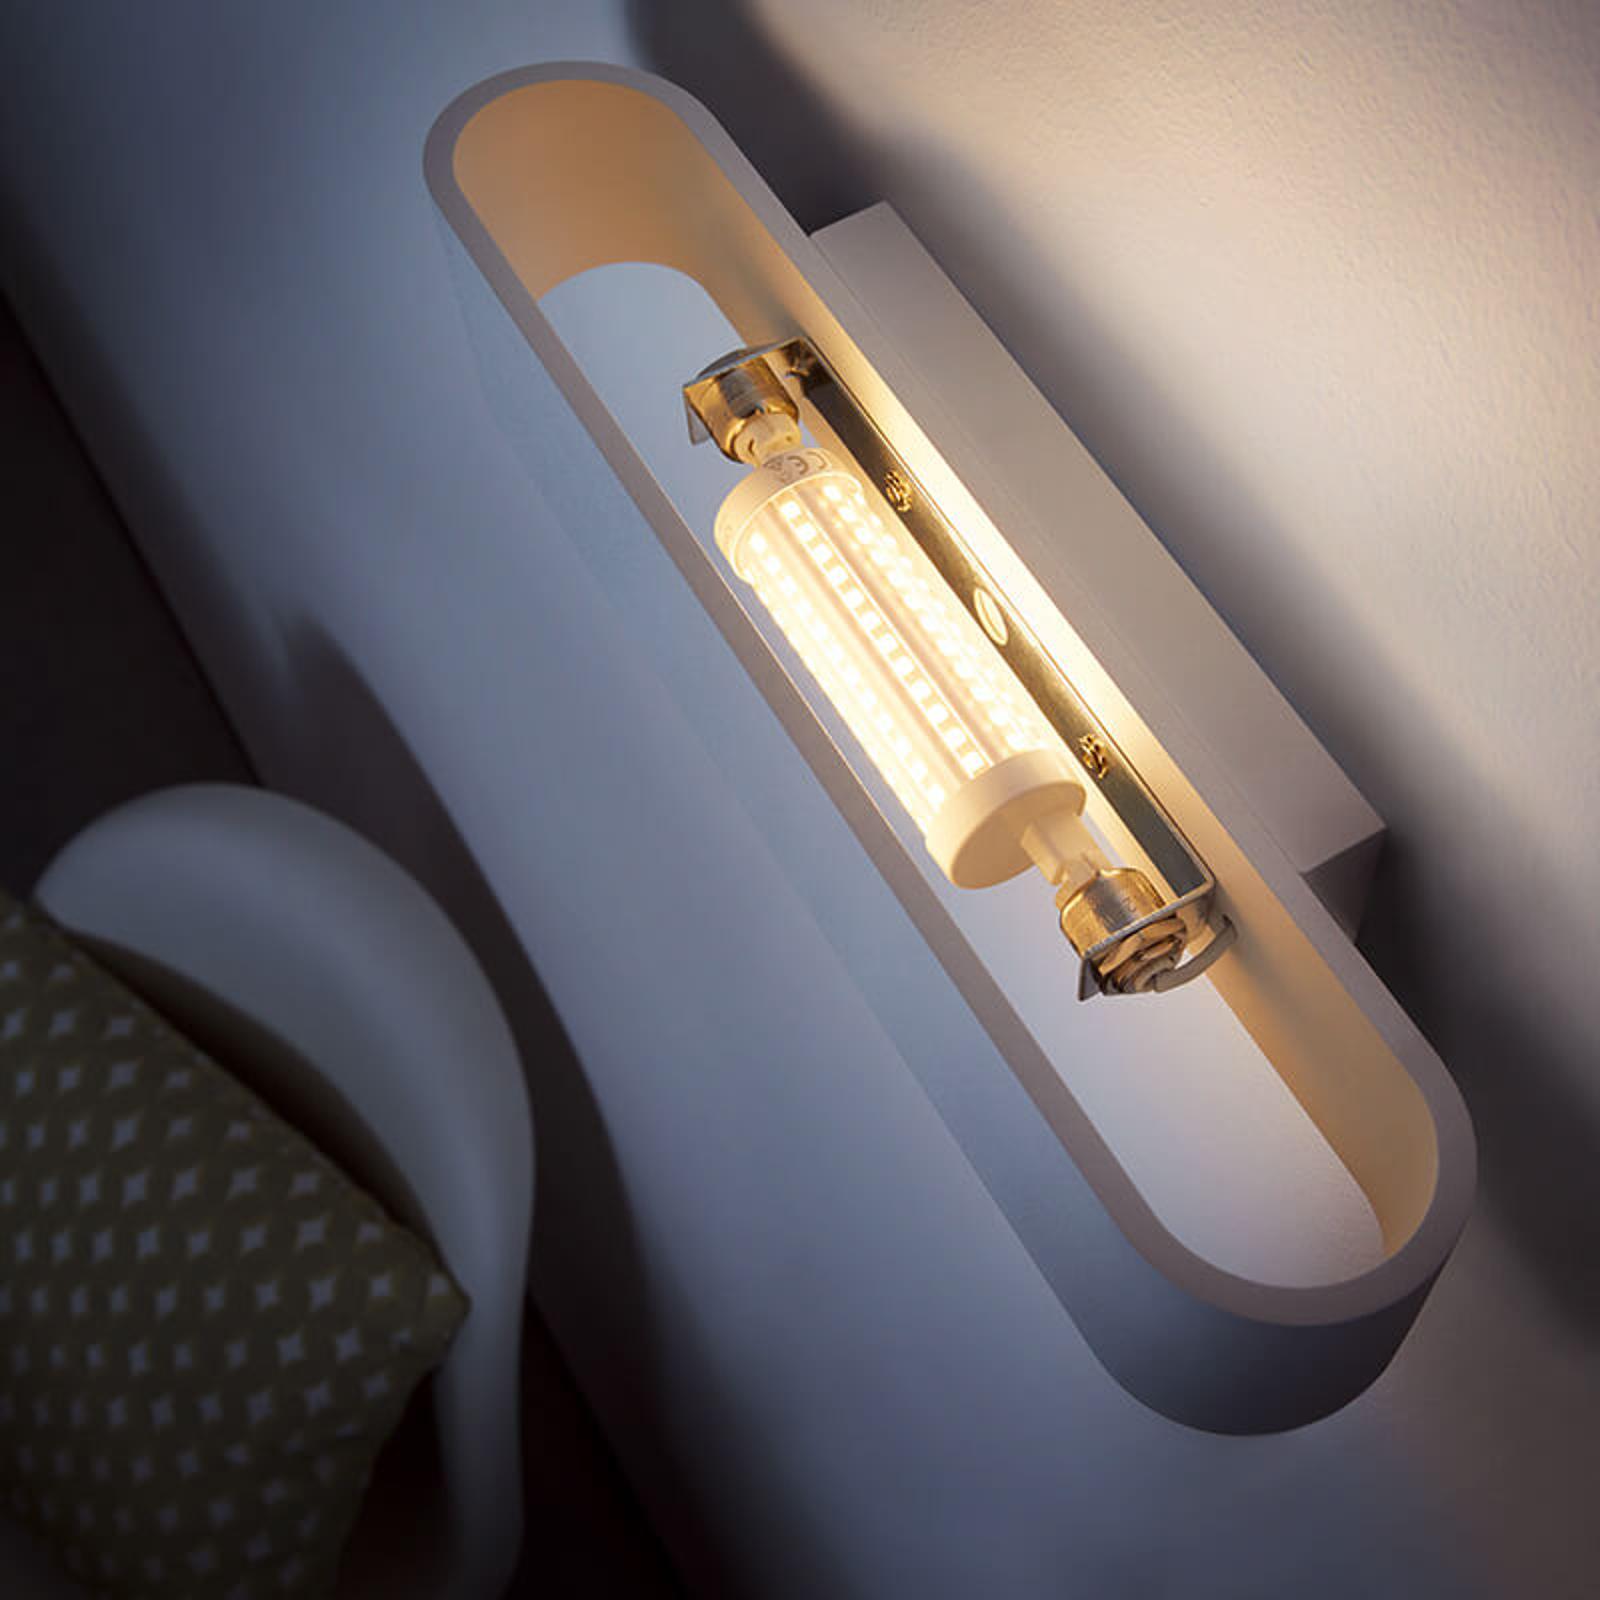 LED-stav R7s 8 W, varmhvit, dimbar